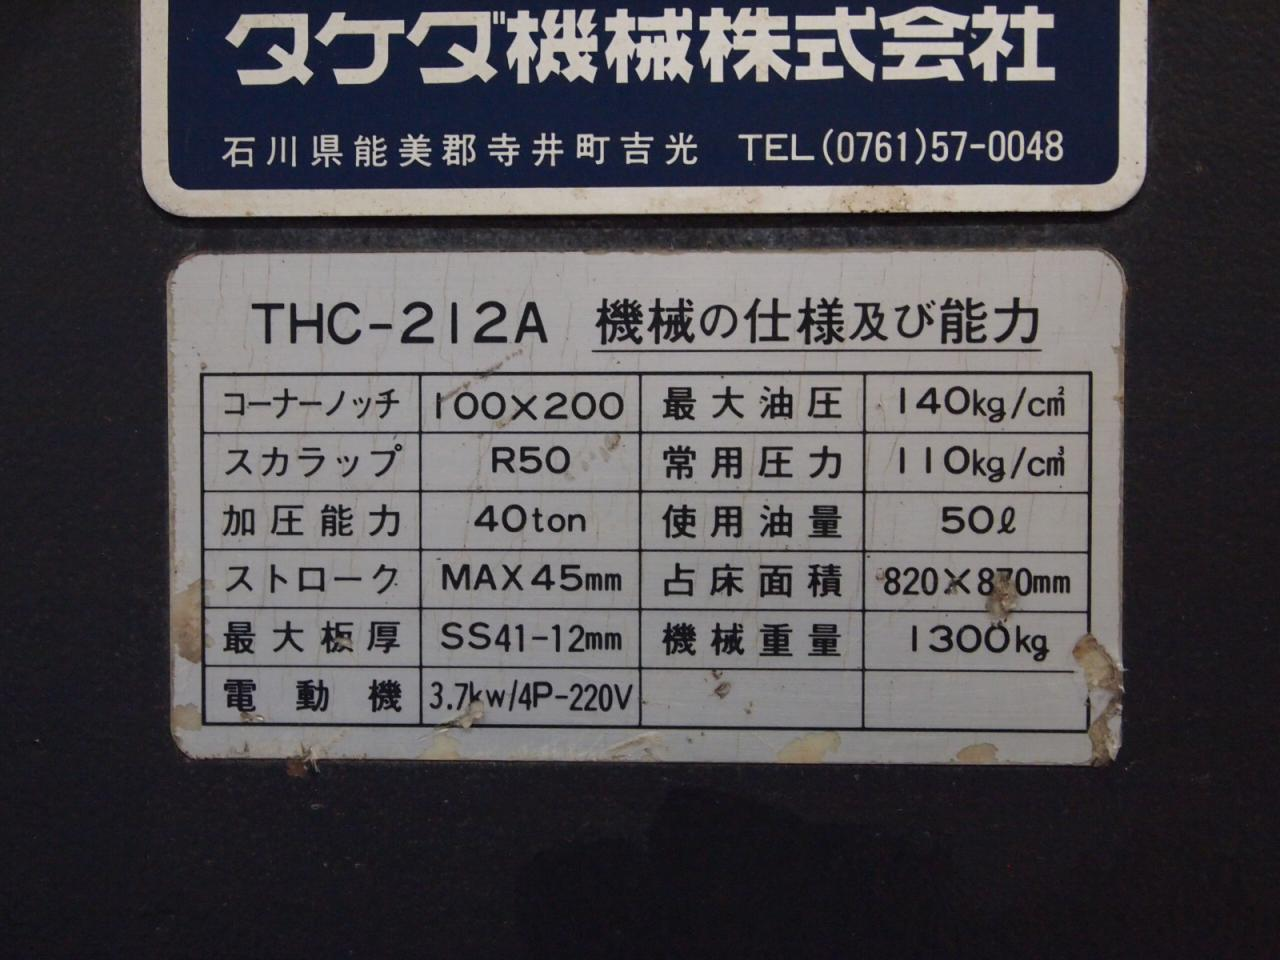 THC-212Aの仕様及び能力表示銘板